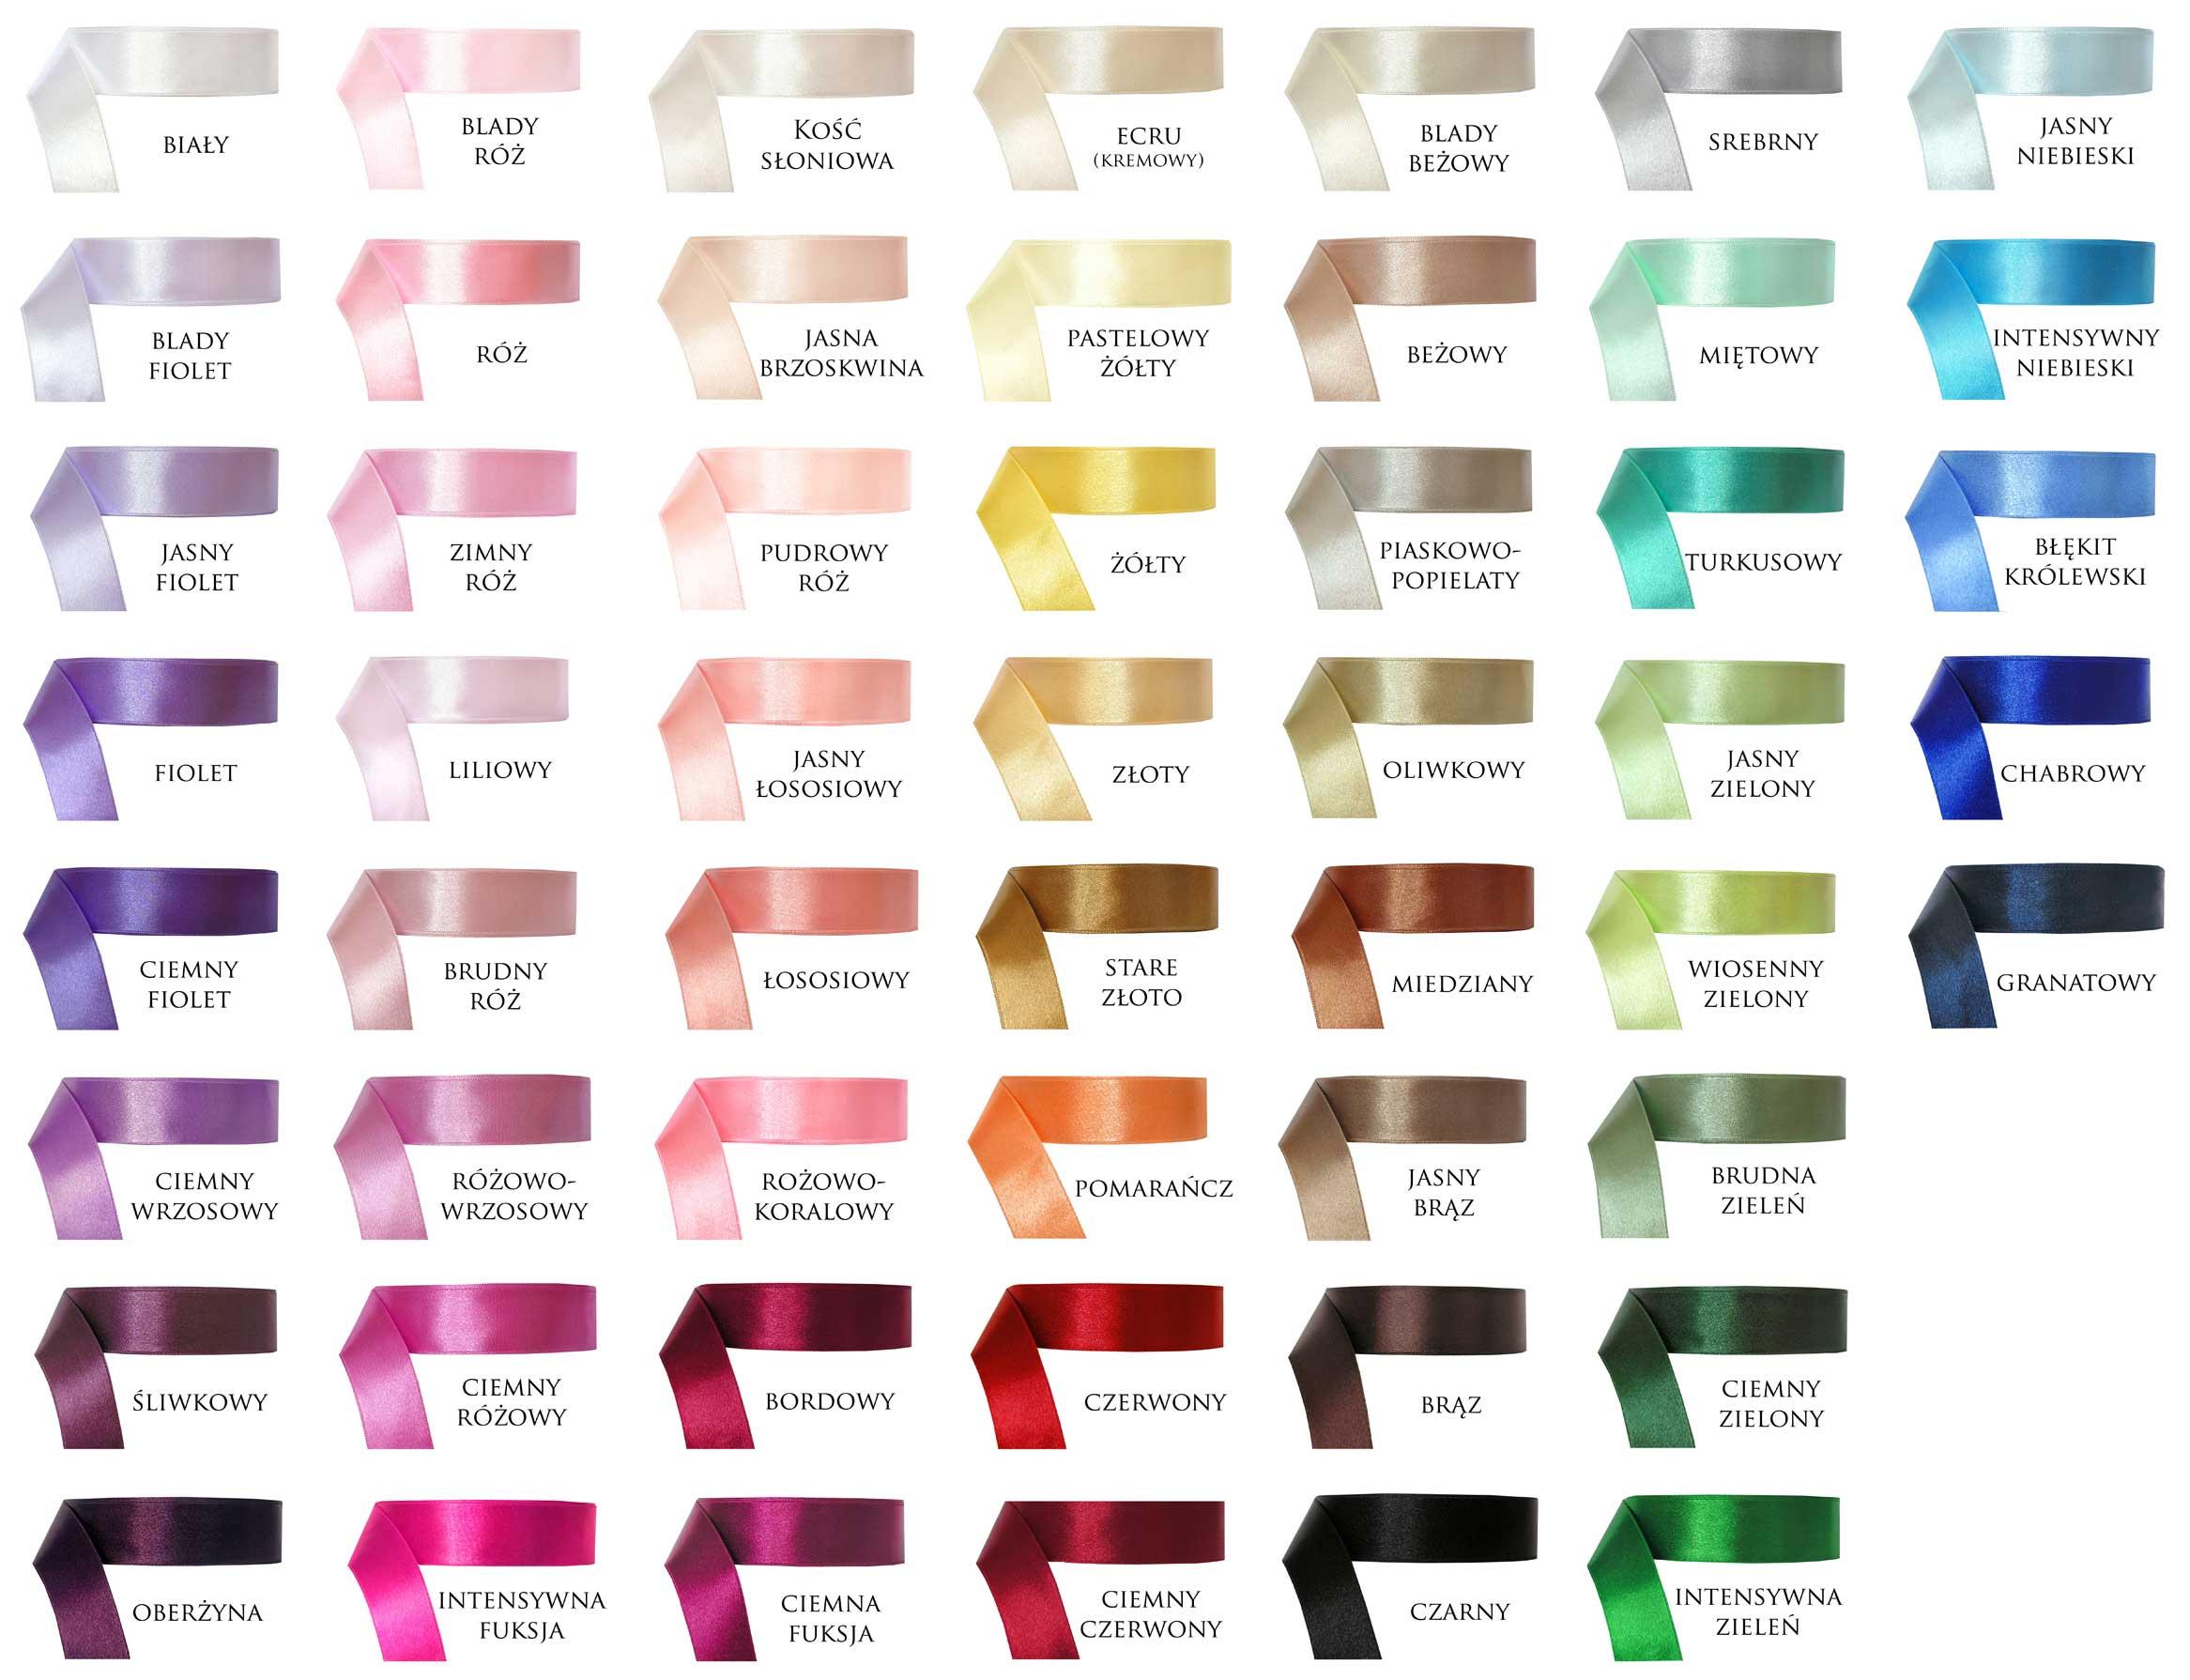 Zobacz pełną paletę kolorów tasiemek do wyboru